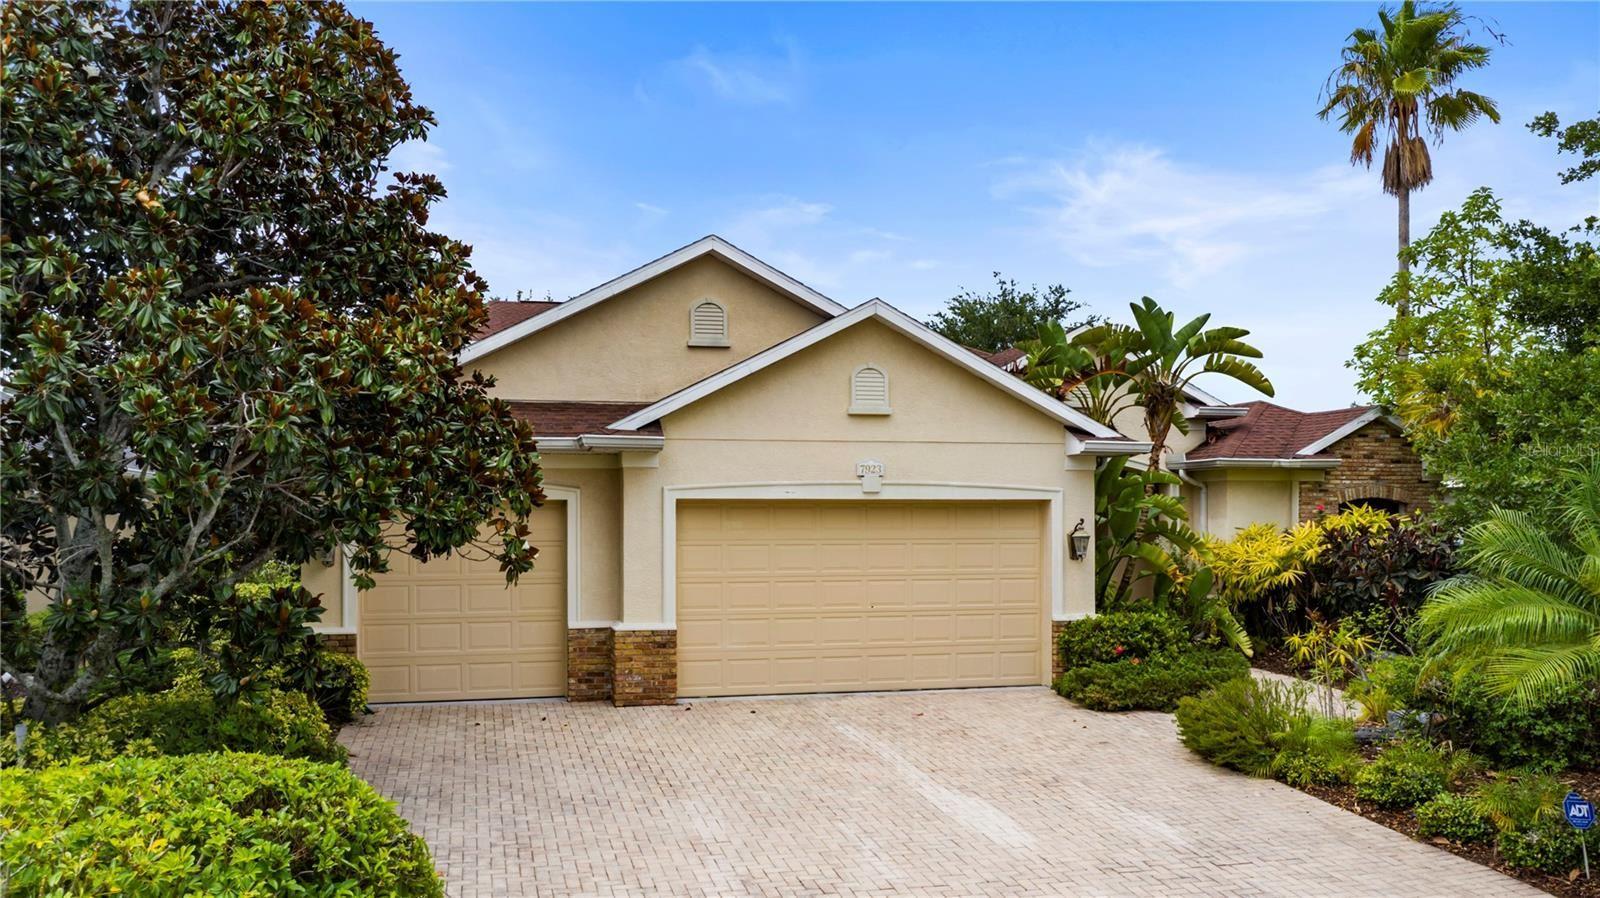 7923 EDMONSTON CIRCLE, University Park, FL 34201 - #: A4502963